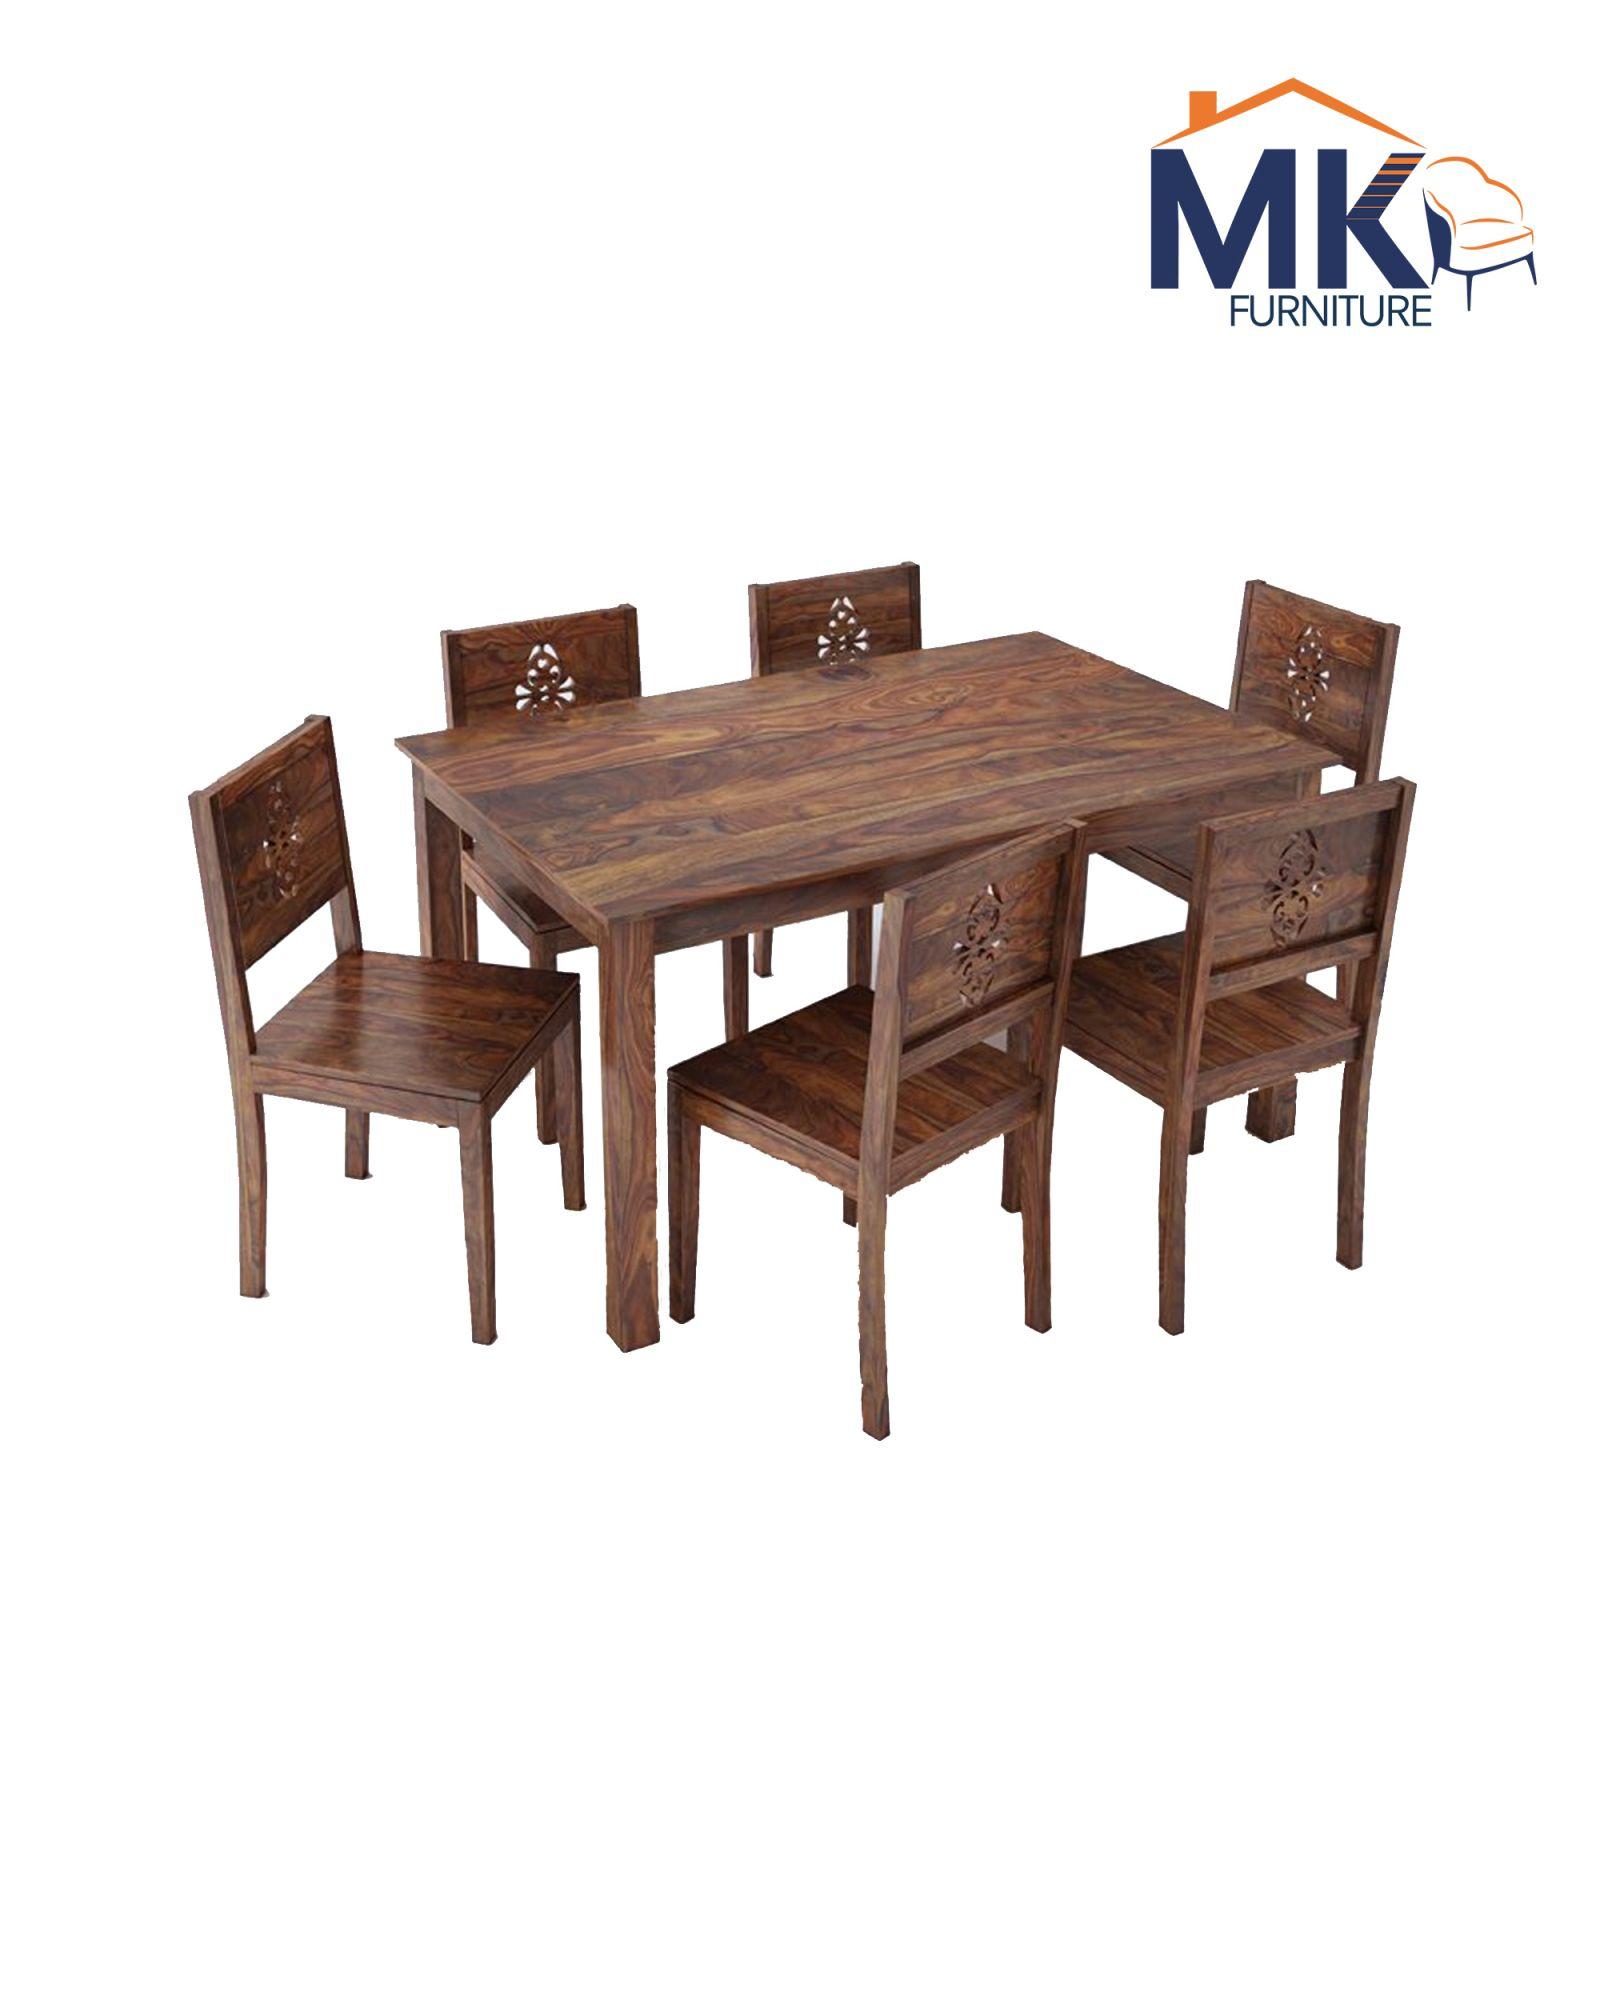 Six Seater Dining  Set In Sheeaham Wood (Teak)